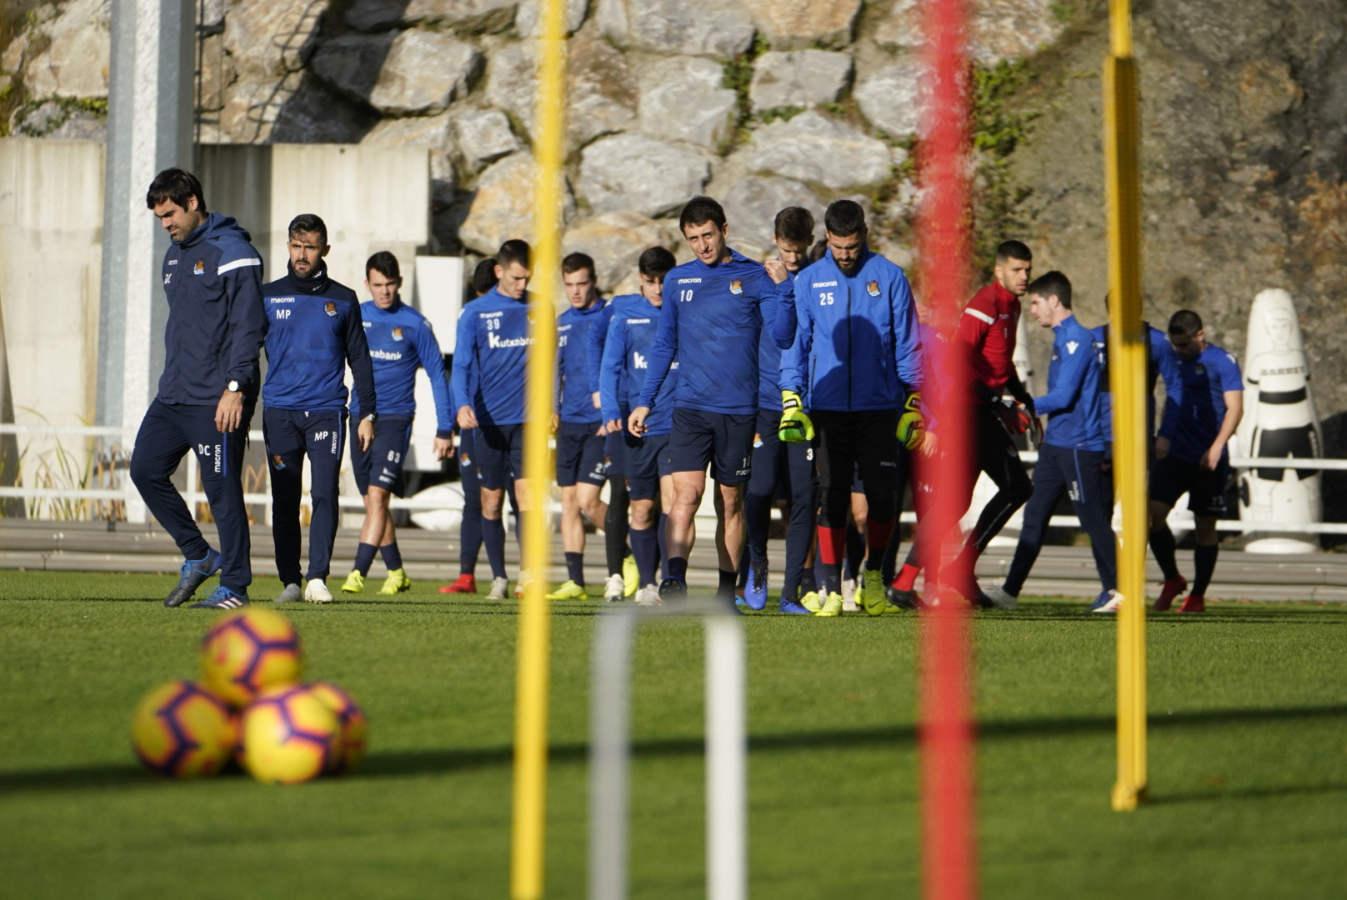 La Real Sociedad prepara el partido contra el Alavés